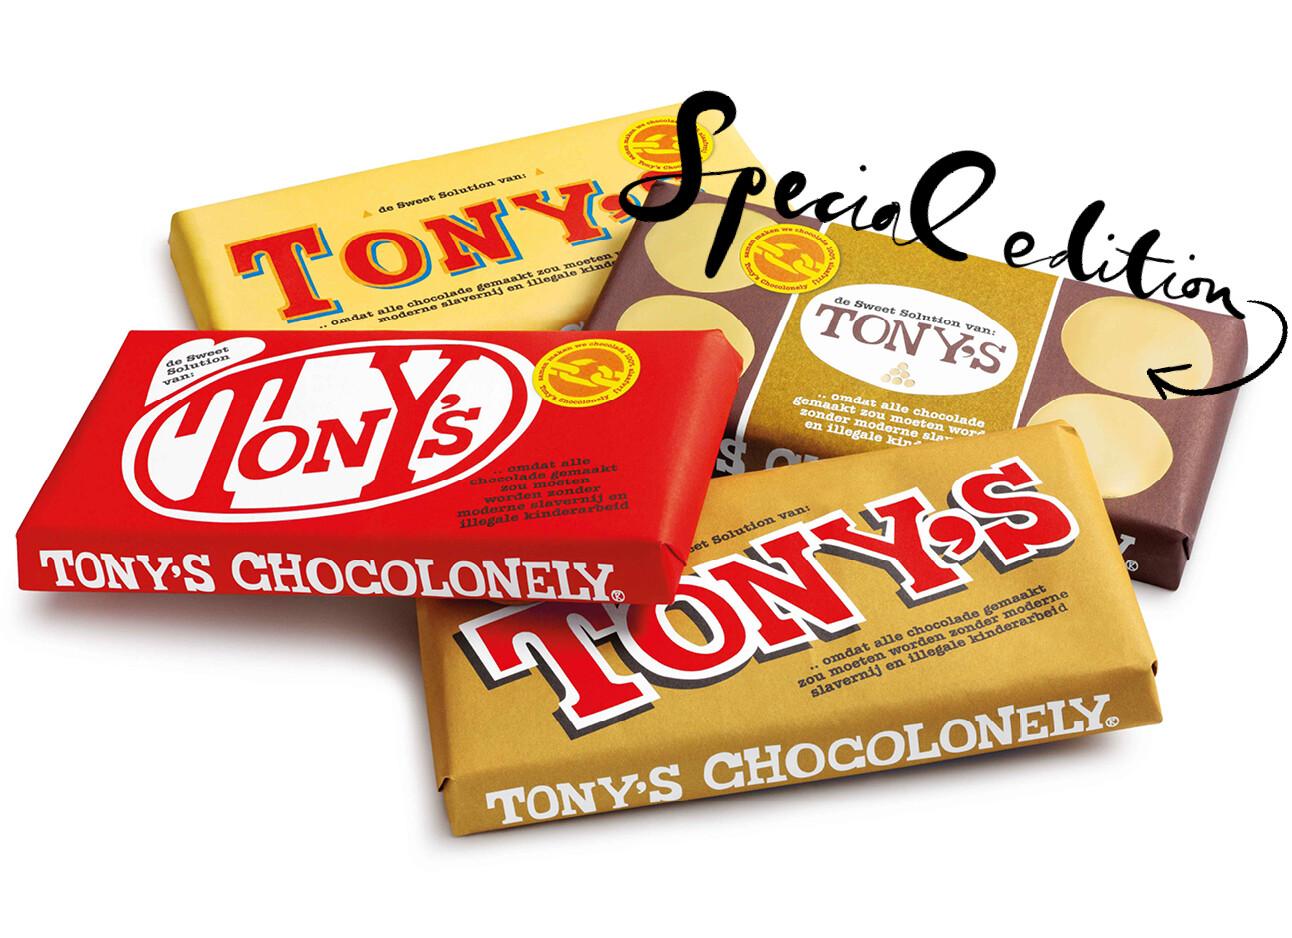 Hulde voor deze nieuwe Tony's